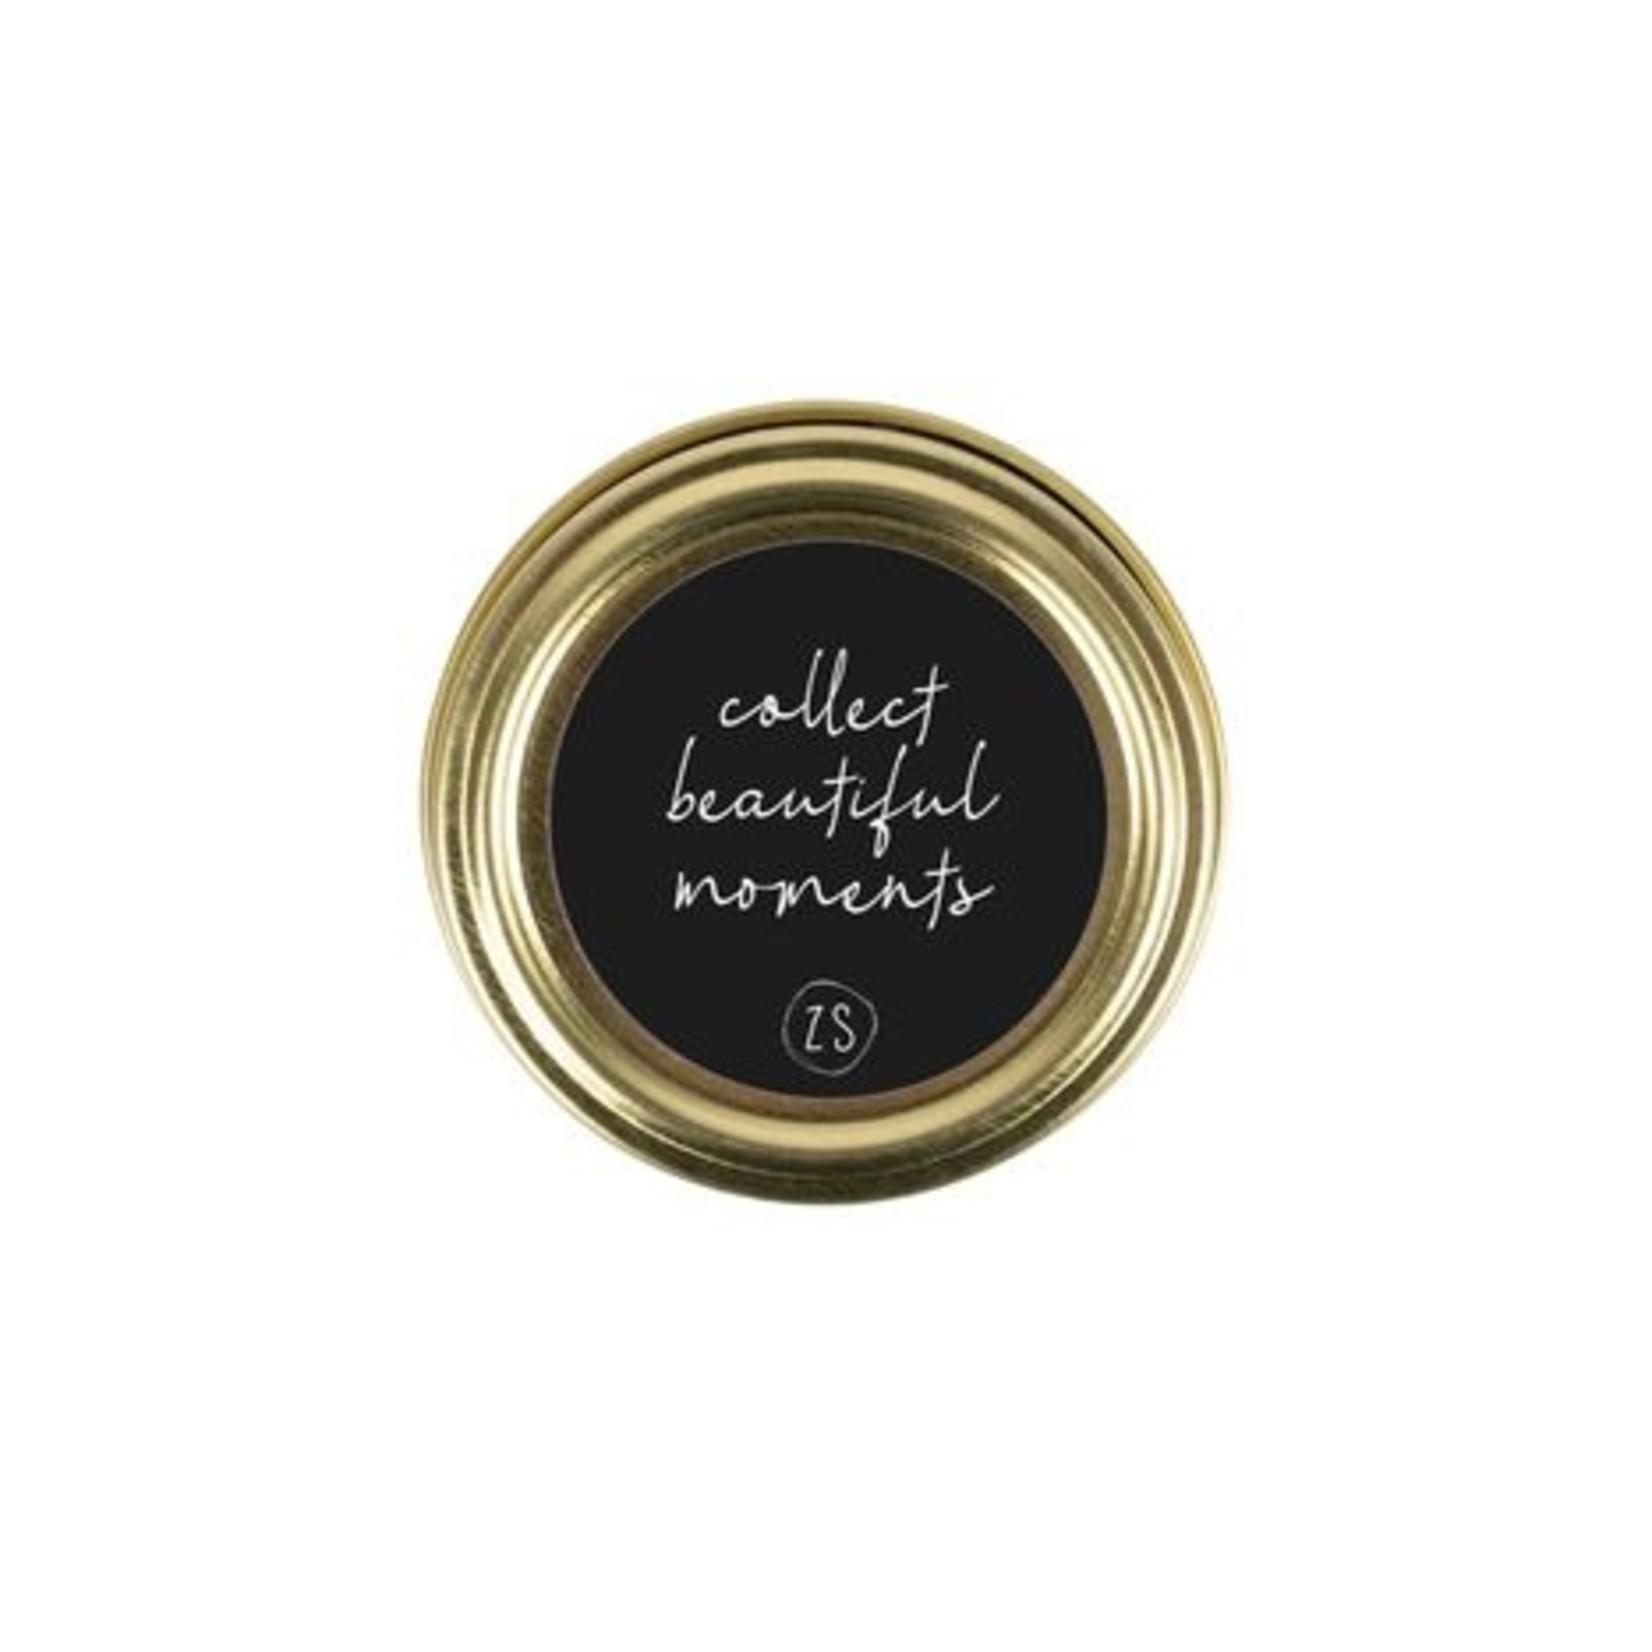 Zusss Lippenbalsem - Collect beautiful moments - Zwart